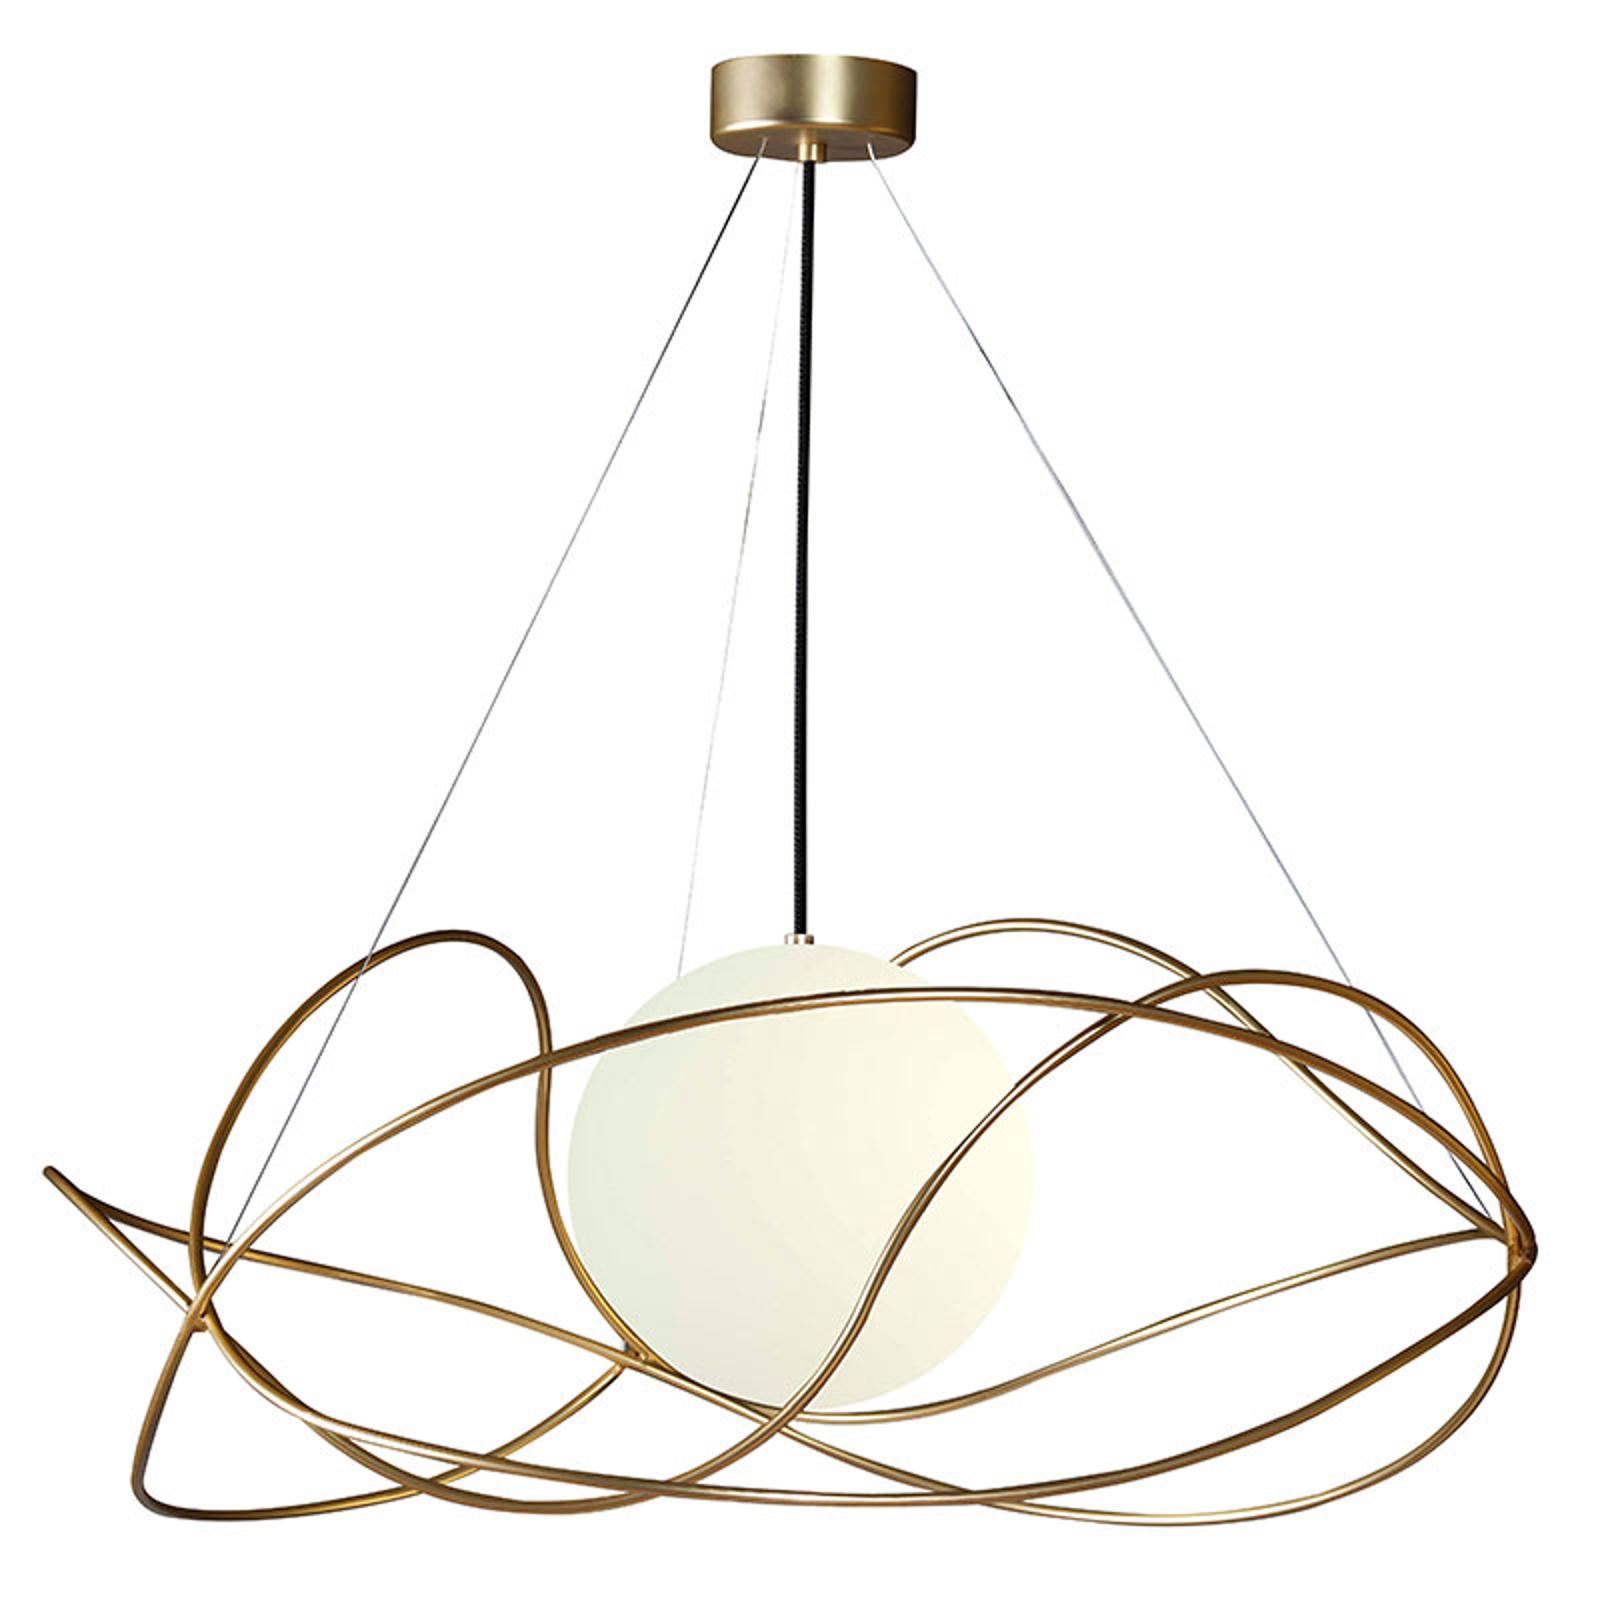 Hanglamp Garbuglio goud met bolkap